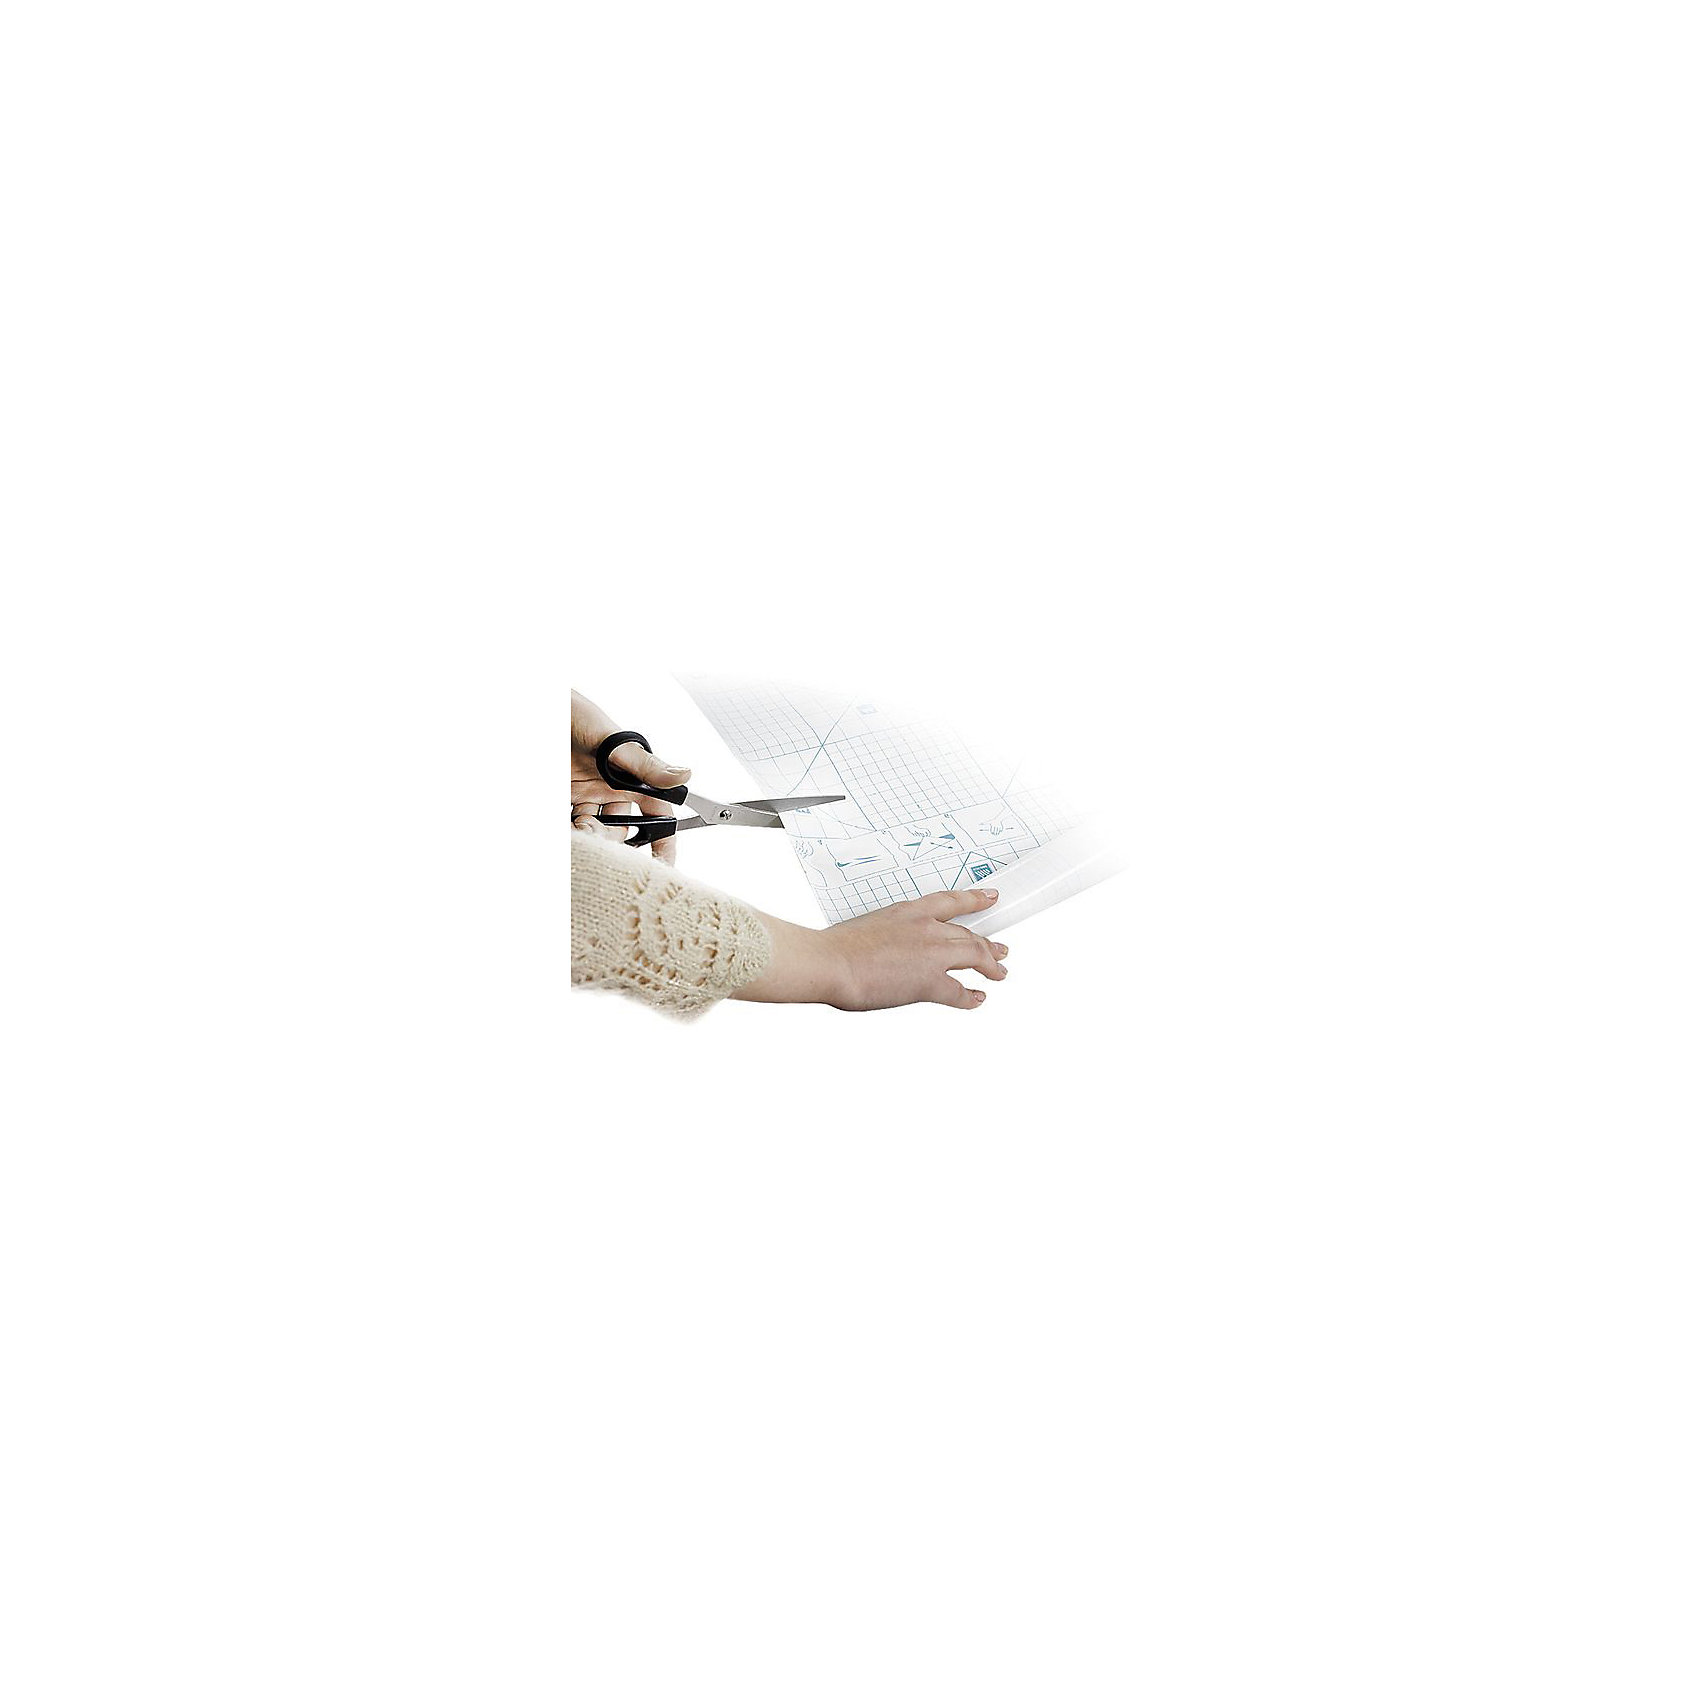 Panta Plast Обложка для книг в рулонеШкольные аксессуары<br>Обложка для книг в рулоне размером 33 см х1,5 м, с липким слоем, прозрачная<br><br>Ширина мм: 1500<br>Глубина мм: 330<br>Высота мм: 9999<br>Вес г: 147<br>Возраст от месяцев: 84<br>Возраст до месяцев: 156<br>Пол: Унисекс<br>Возраст: Детский<br>SKU: 6858980